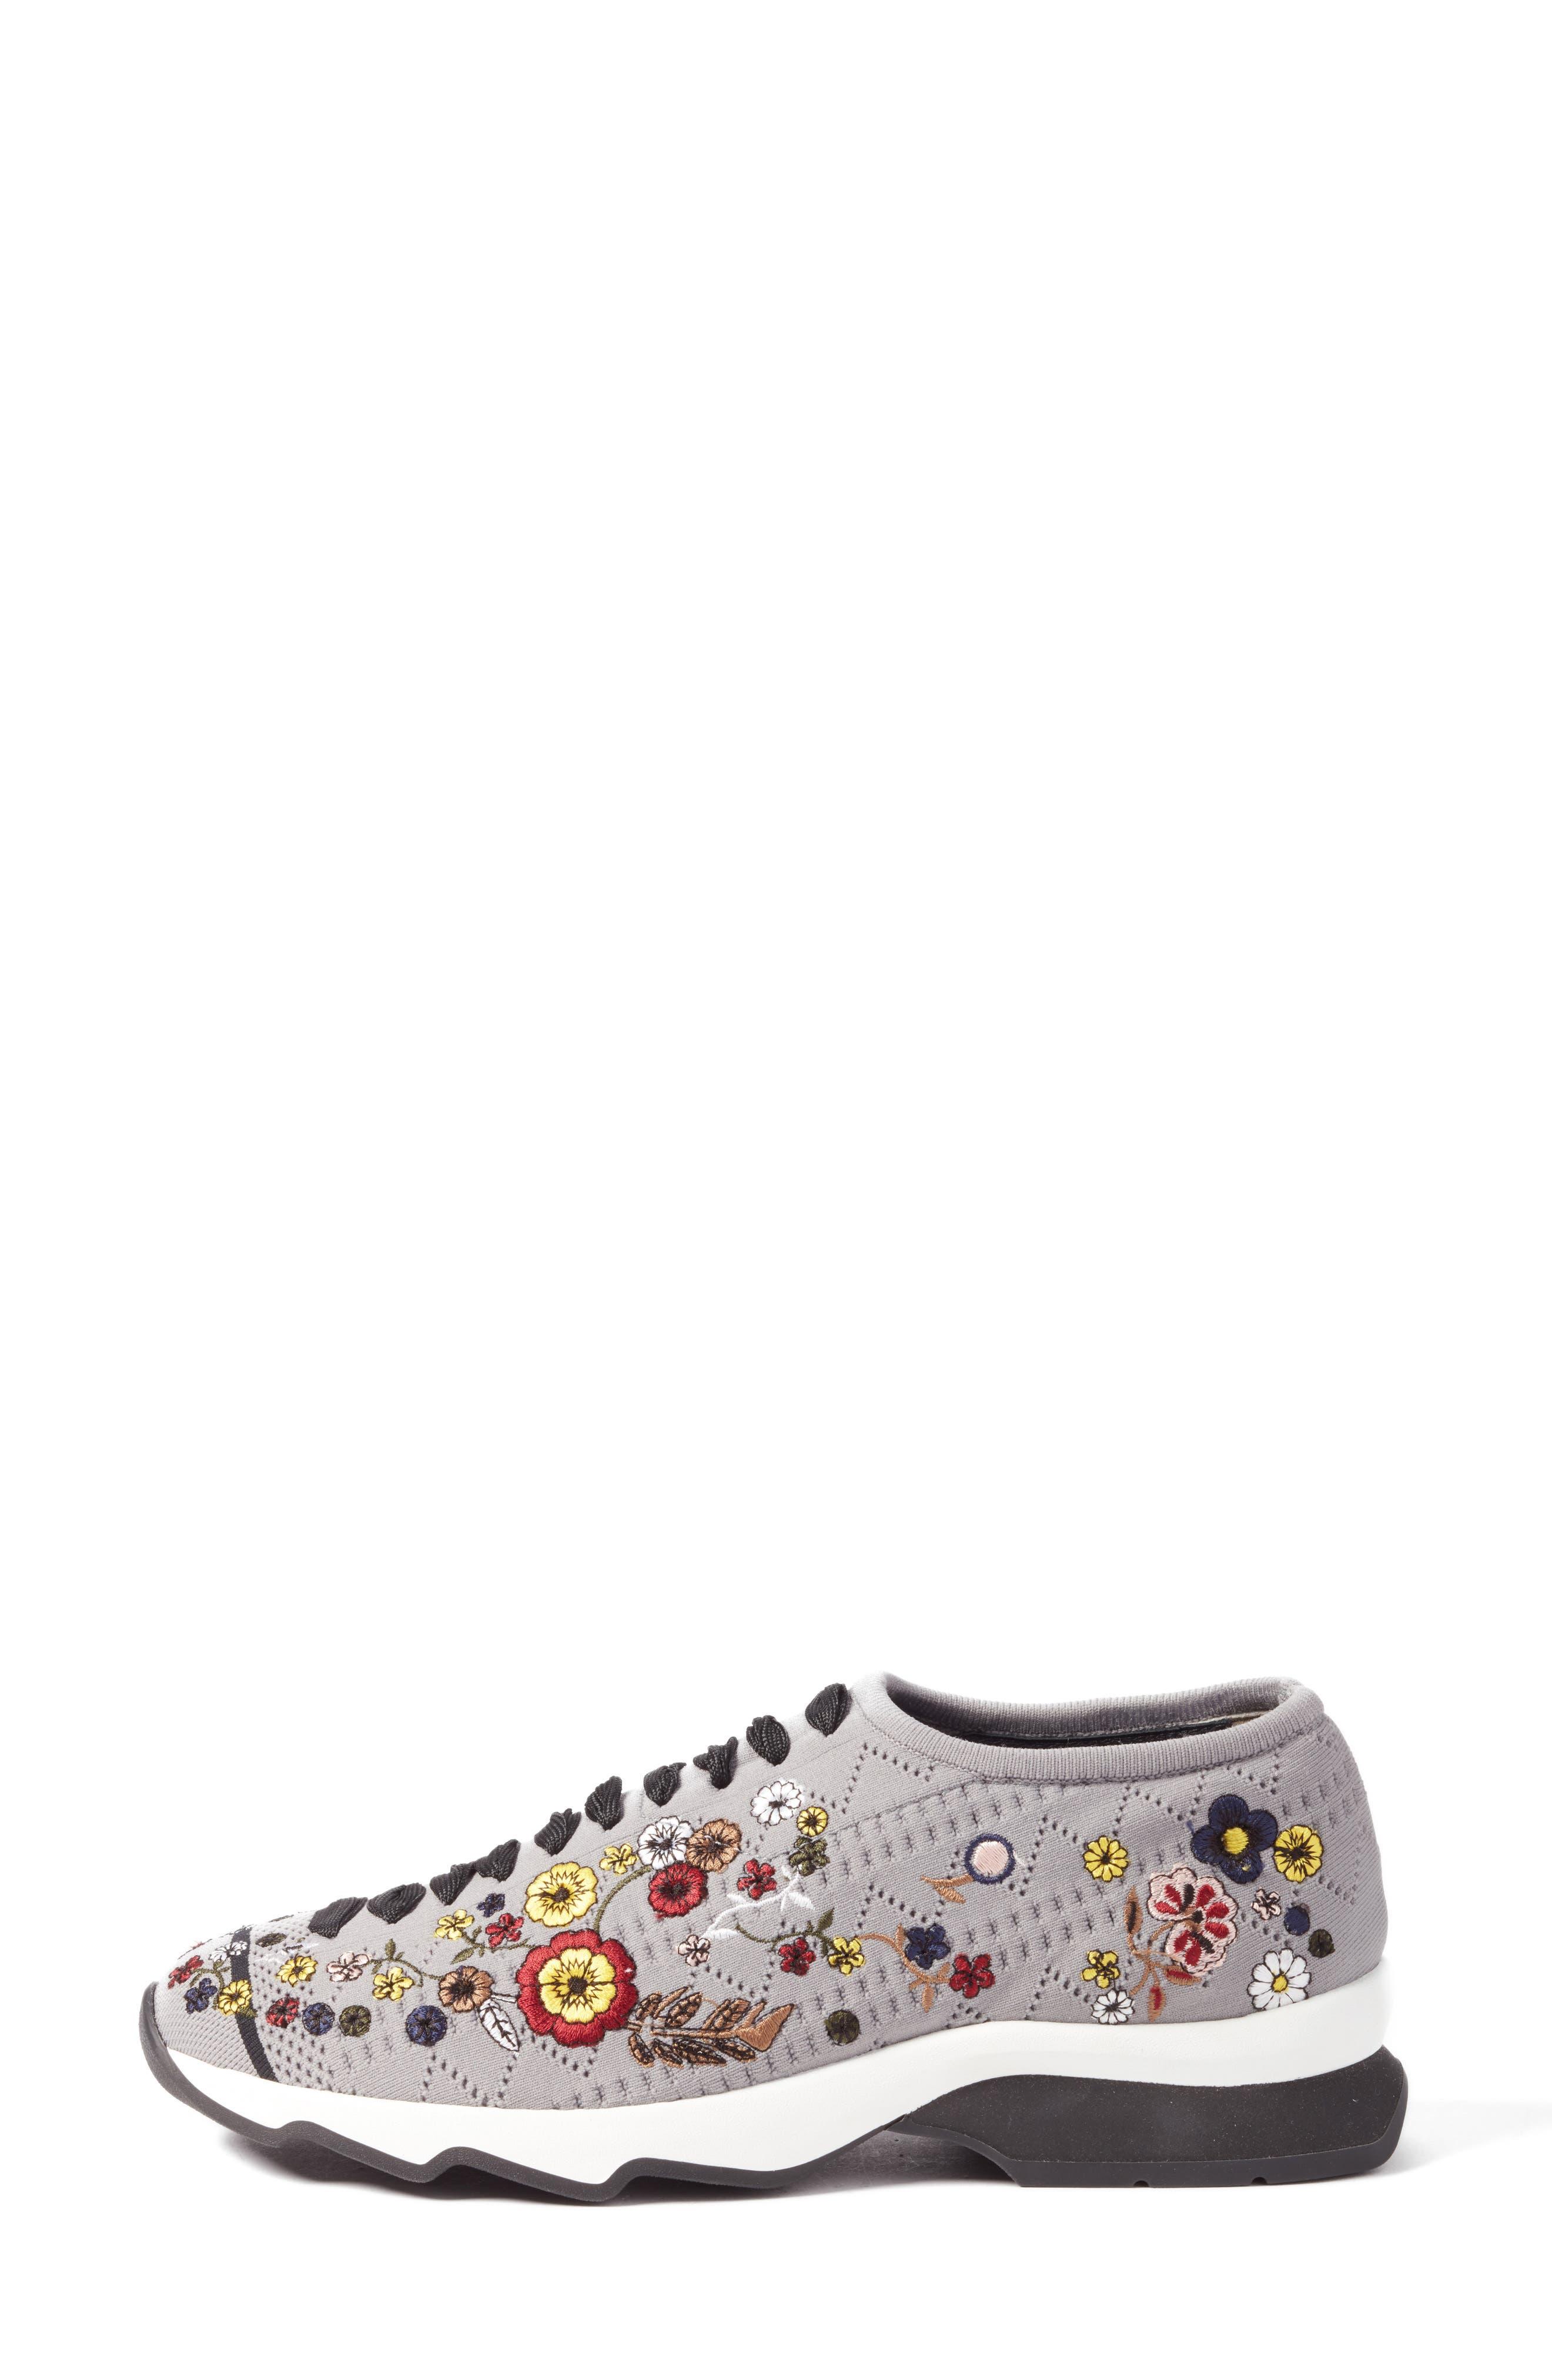 Marie Antoinette Sneaker,                             Alternate thumbnail 3, color,                             100